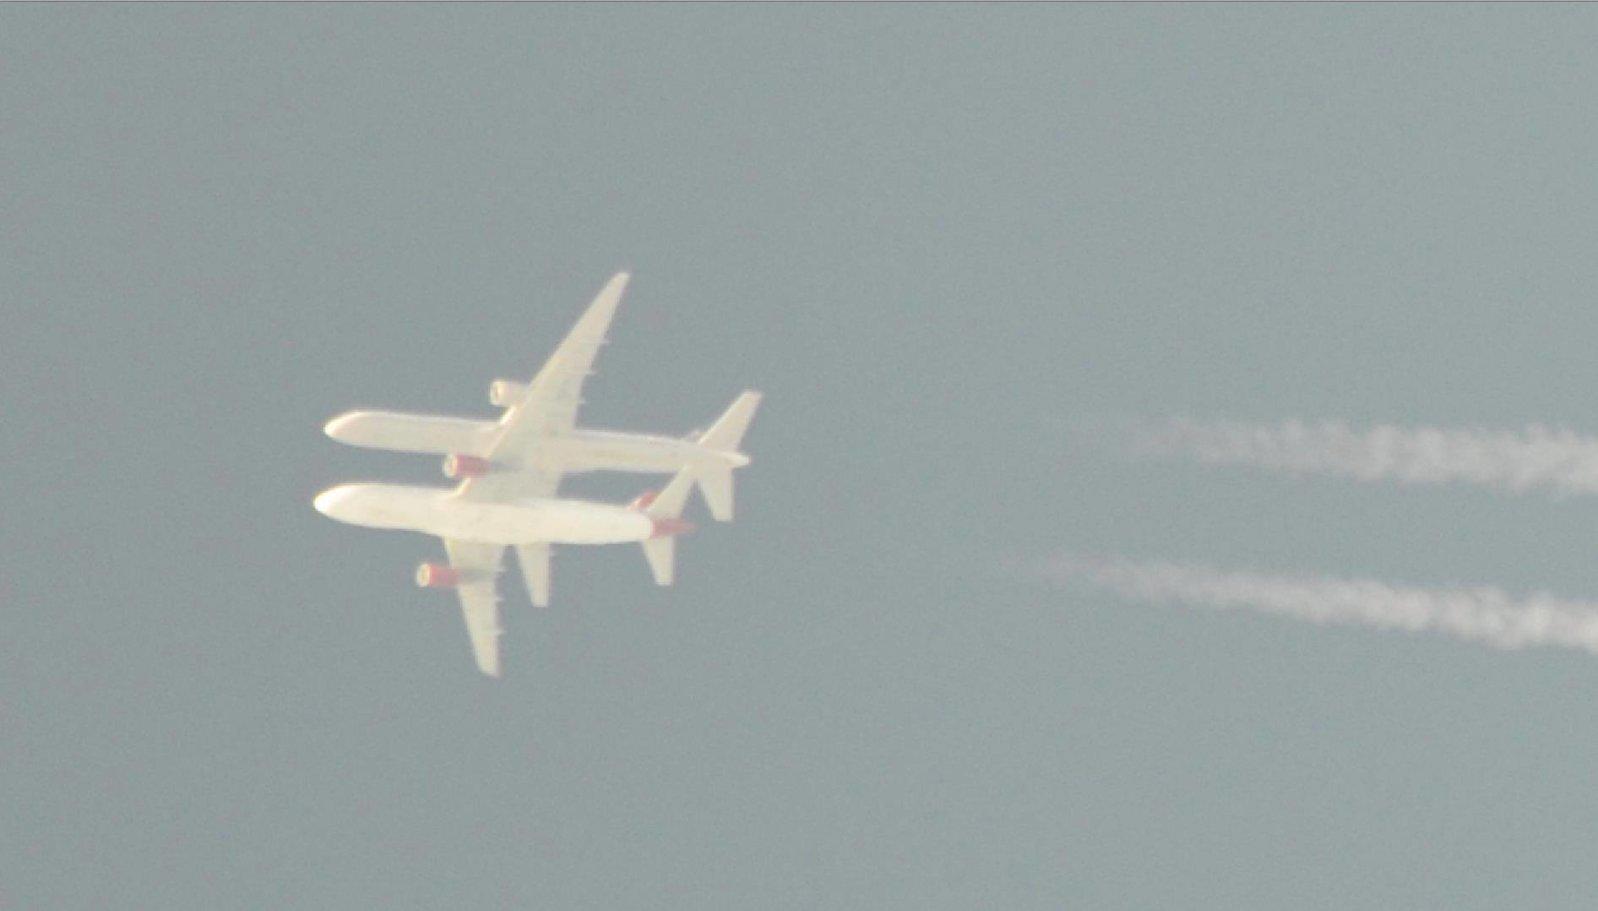 L'illusion trompeuse de l'altitude des avions dans Images et vidéos